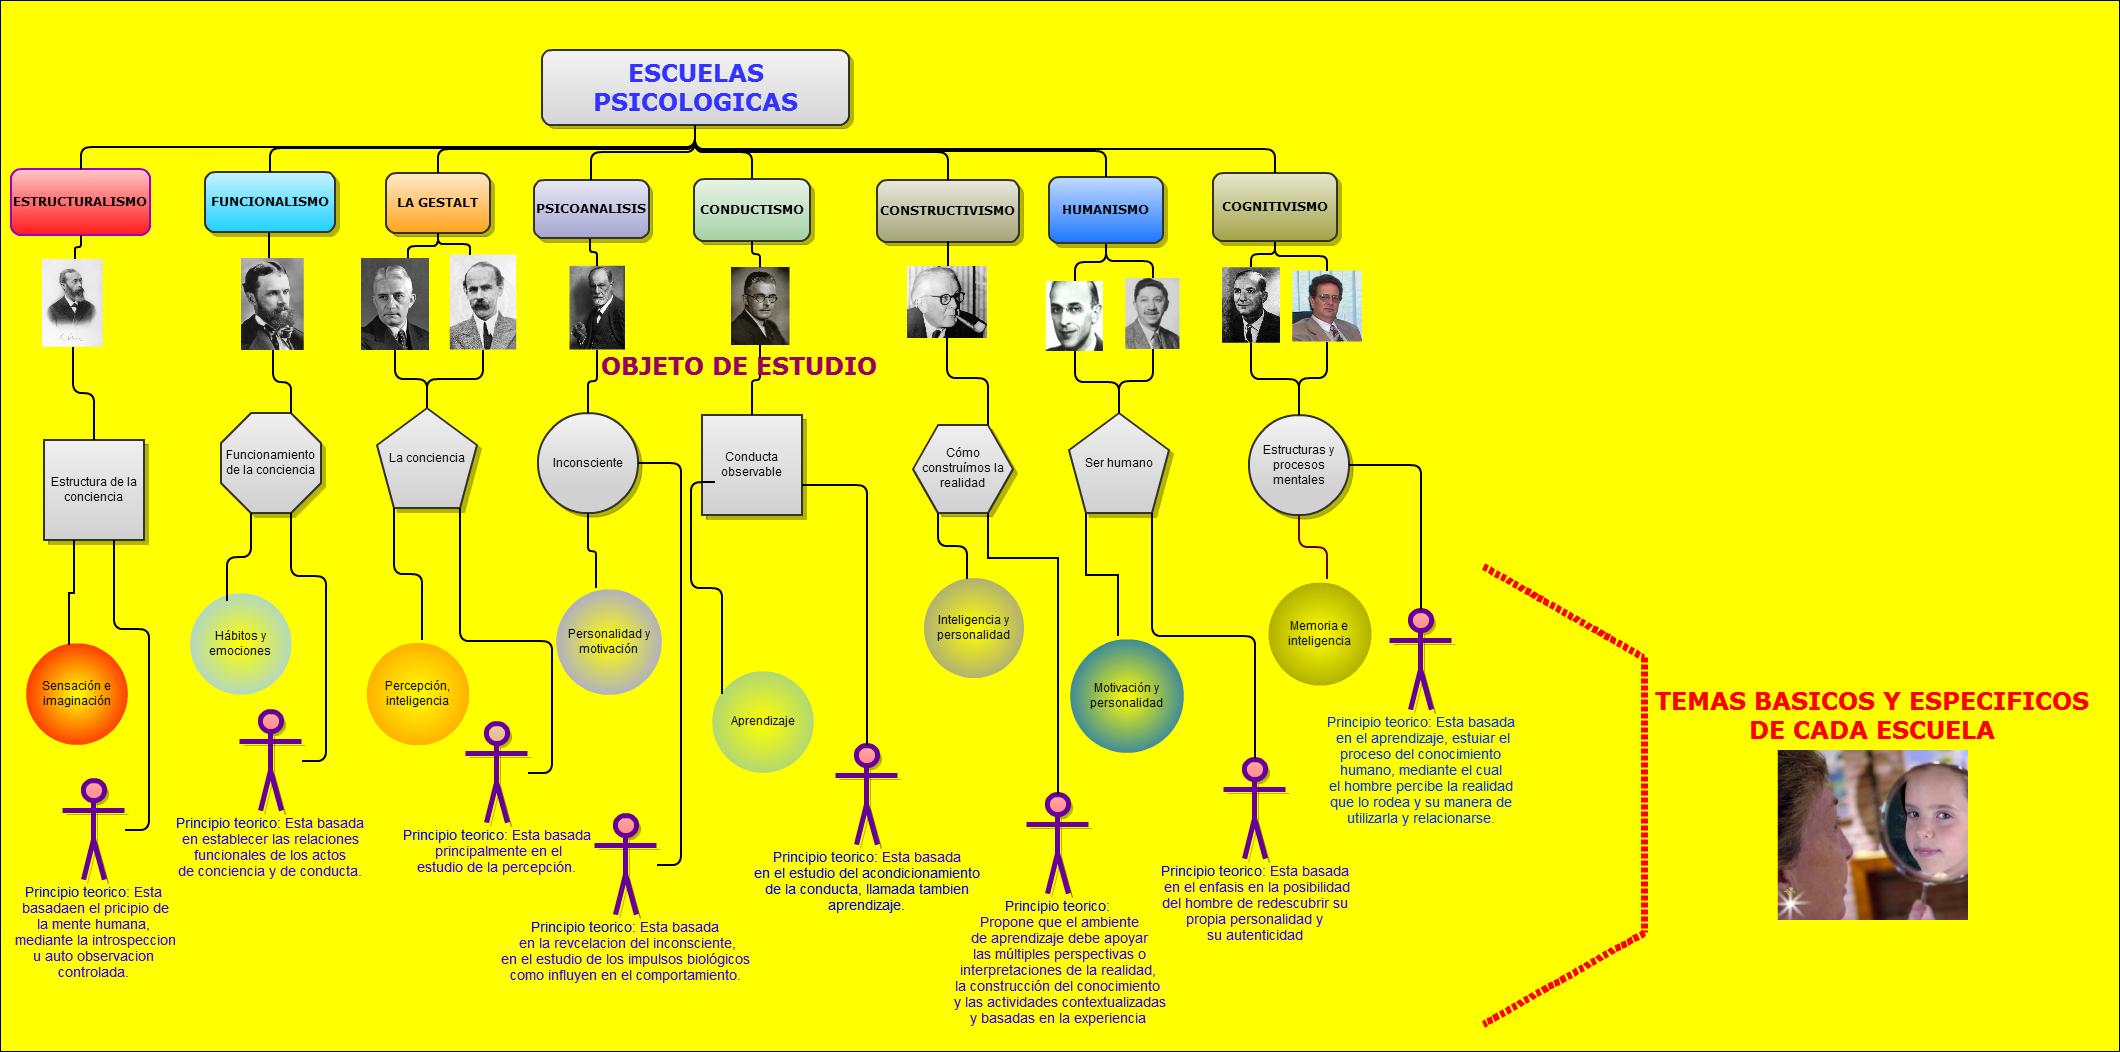 Diagram Escuelas Psicologicas Escuelas De La Psicologia Mapa